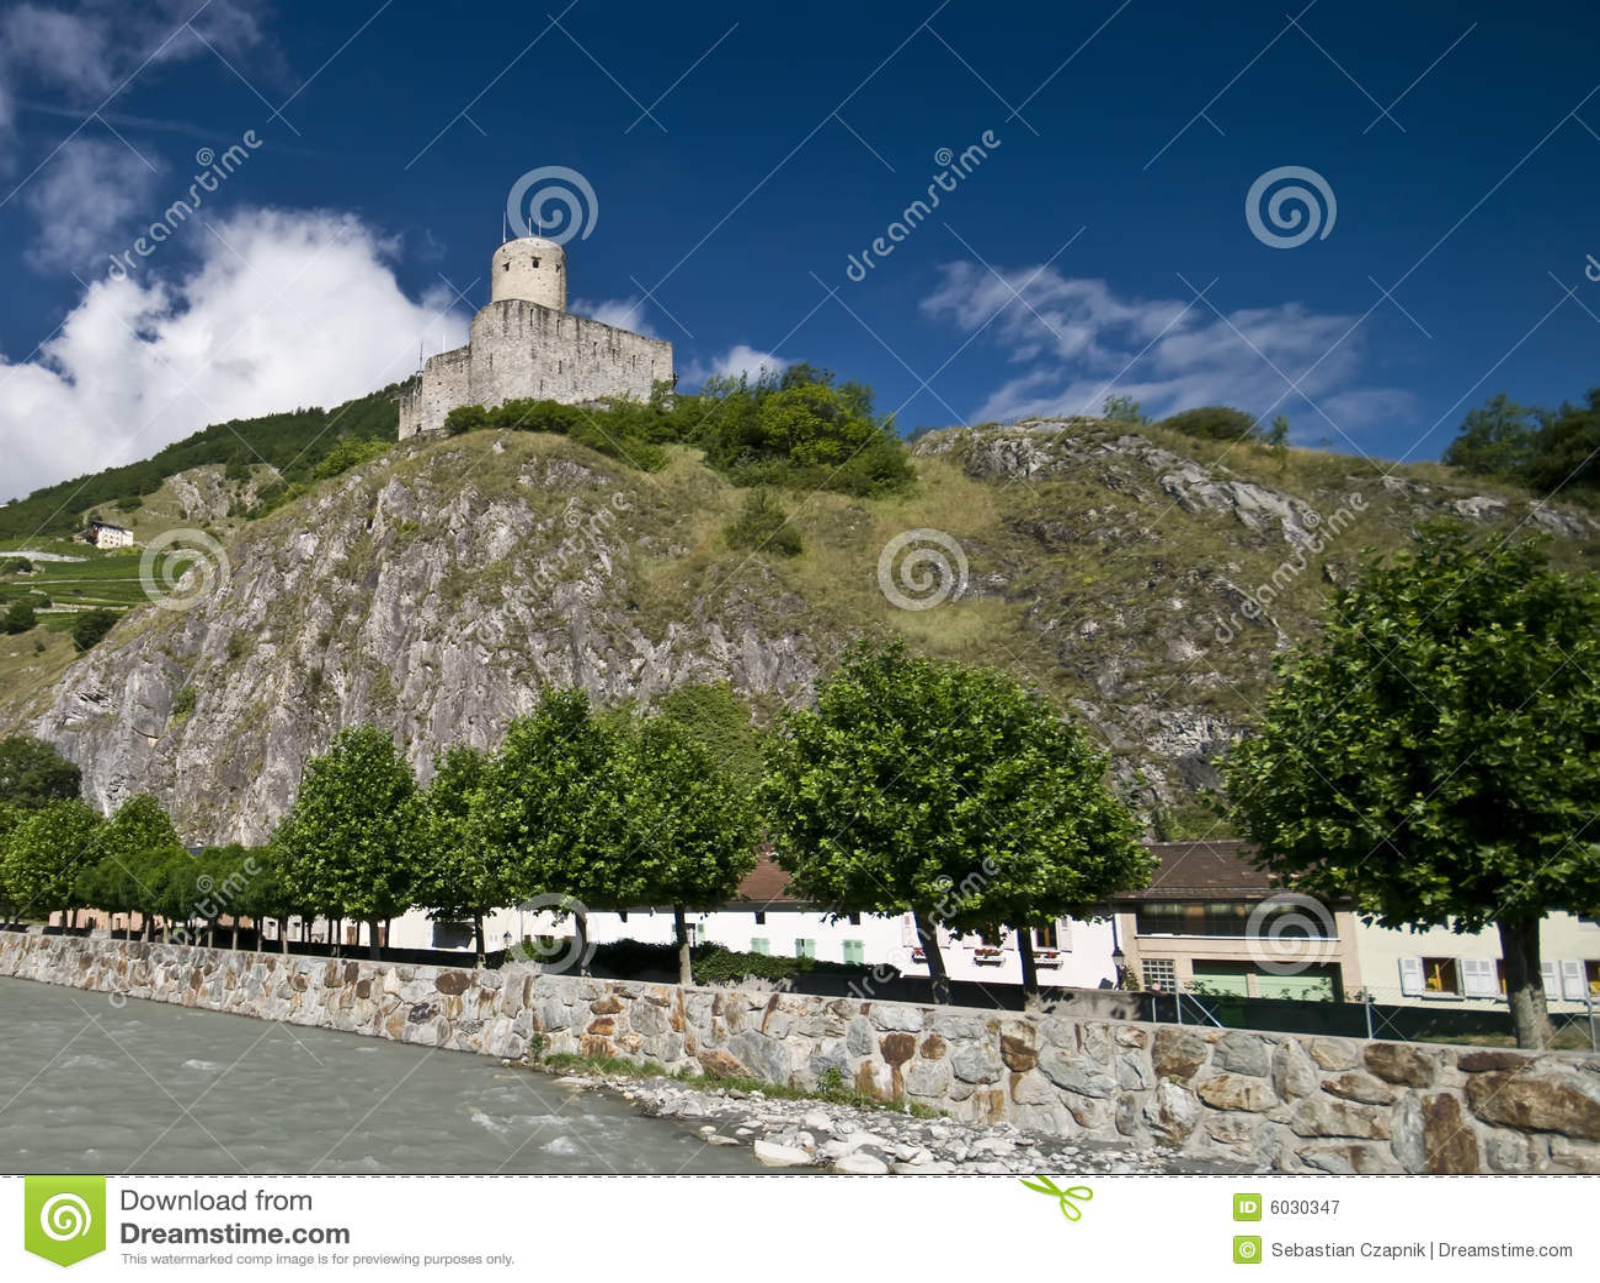 Martigny castle